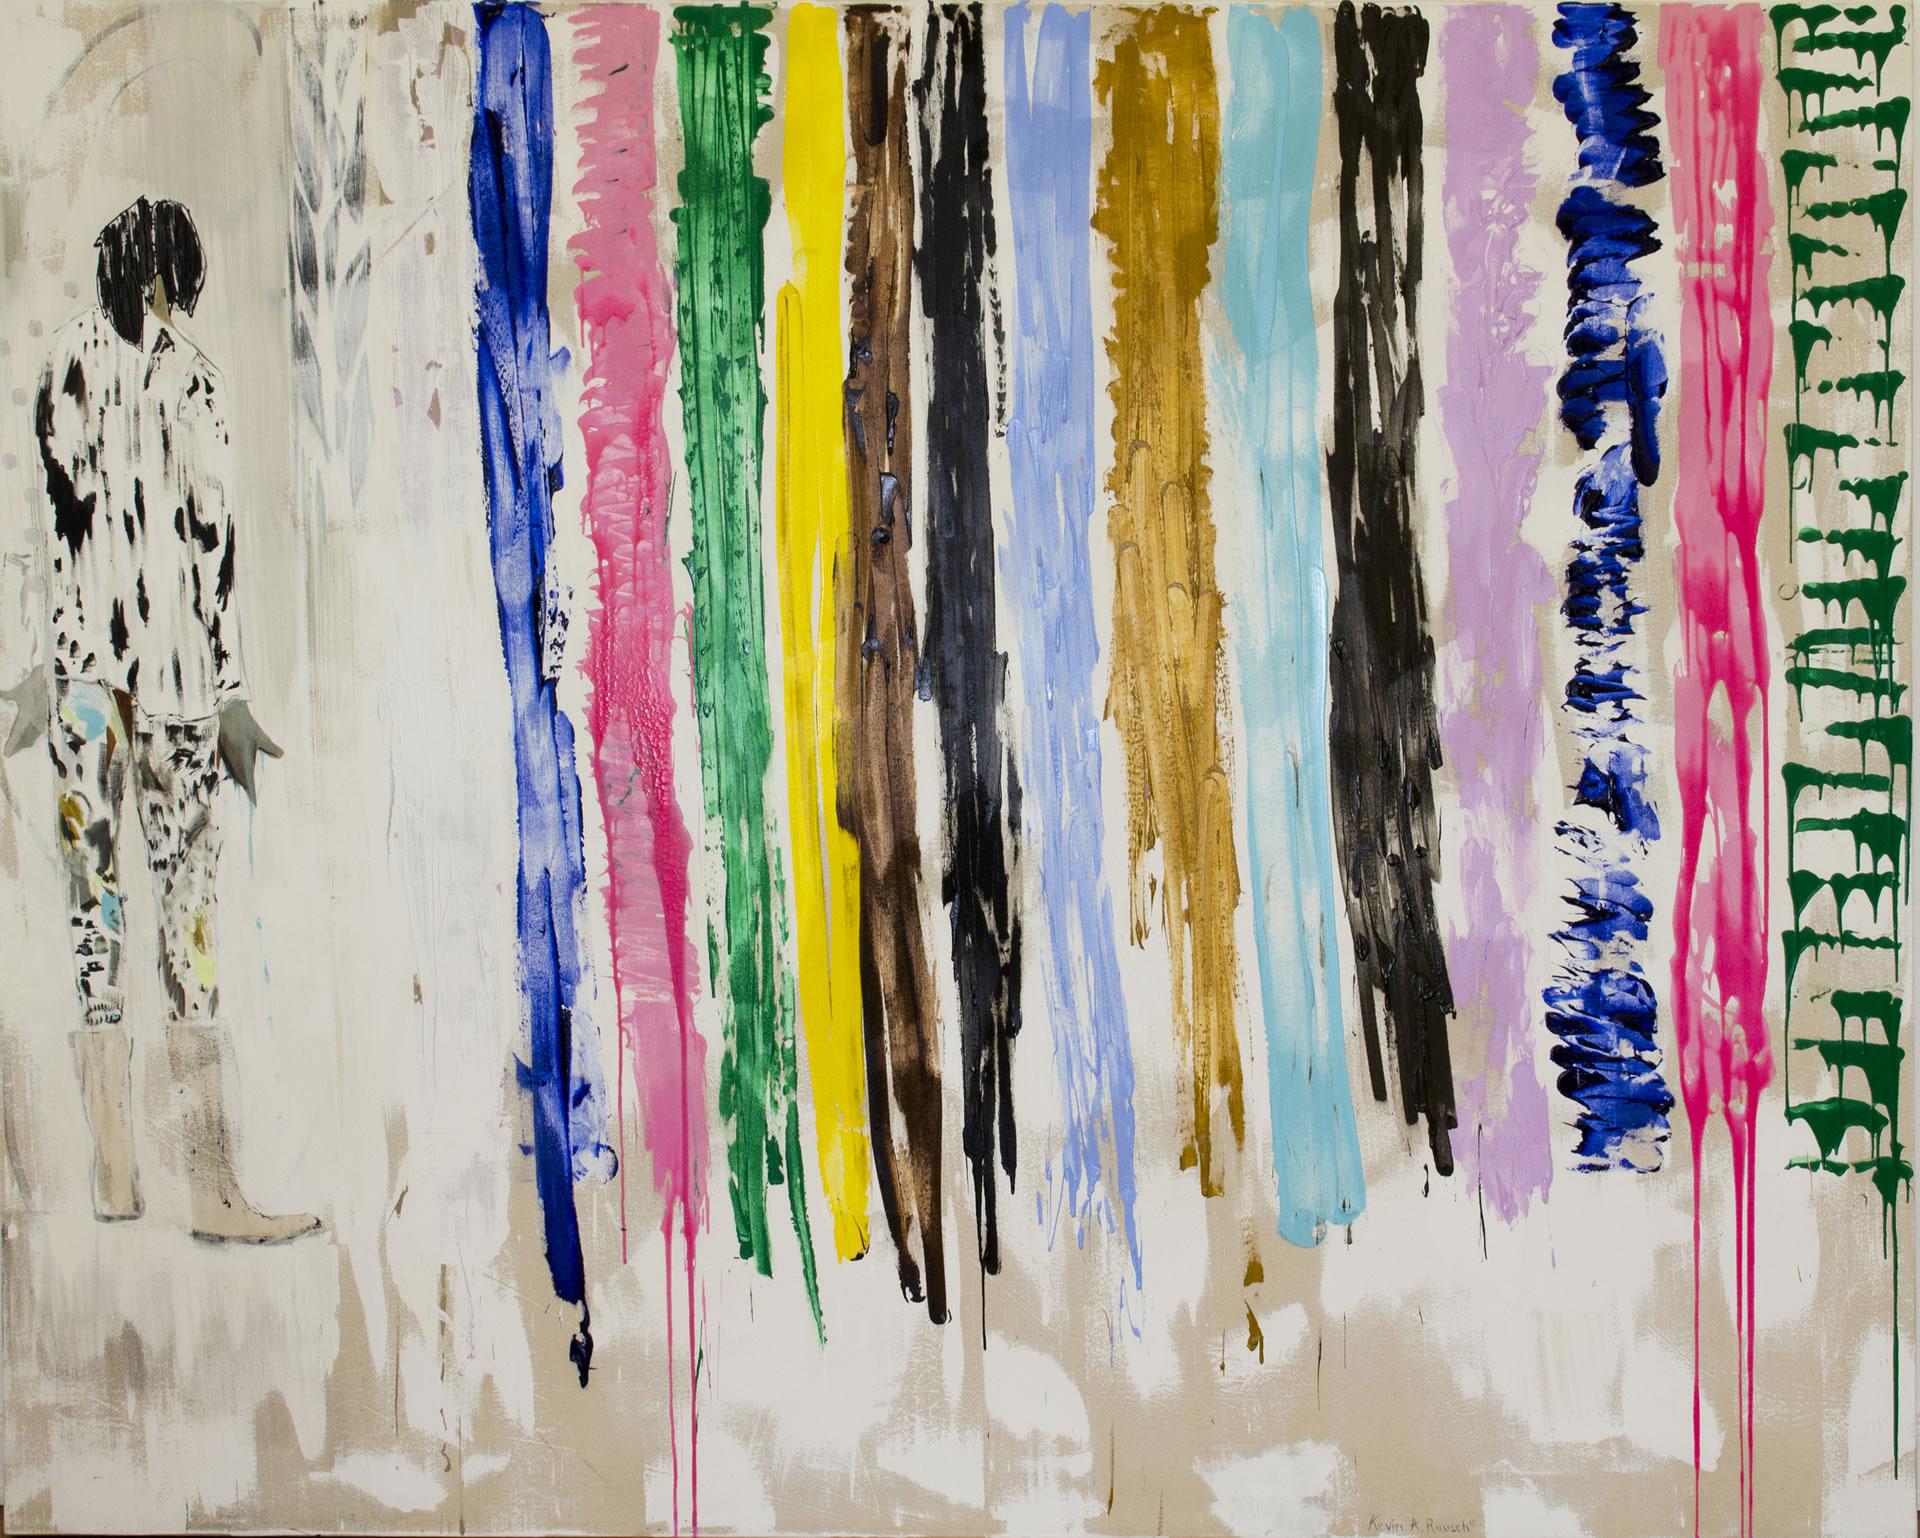 Galerie3 | Kevin A. Rausch | Sag mir wo die Blumen sind, wo sind sie geblieben | 220 x 270 cm | Foto: Kevin A. Rausch